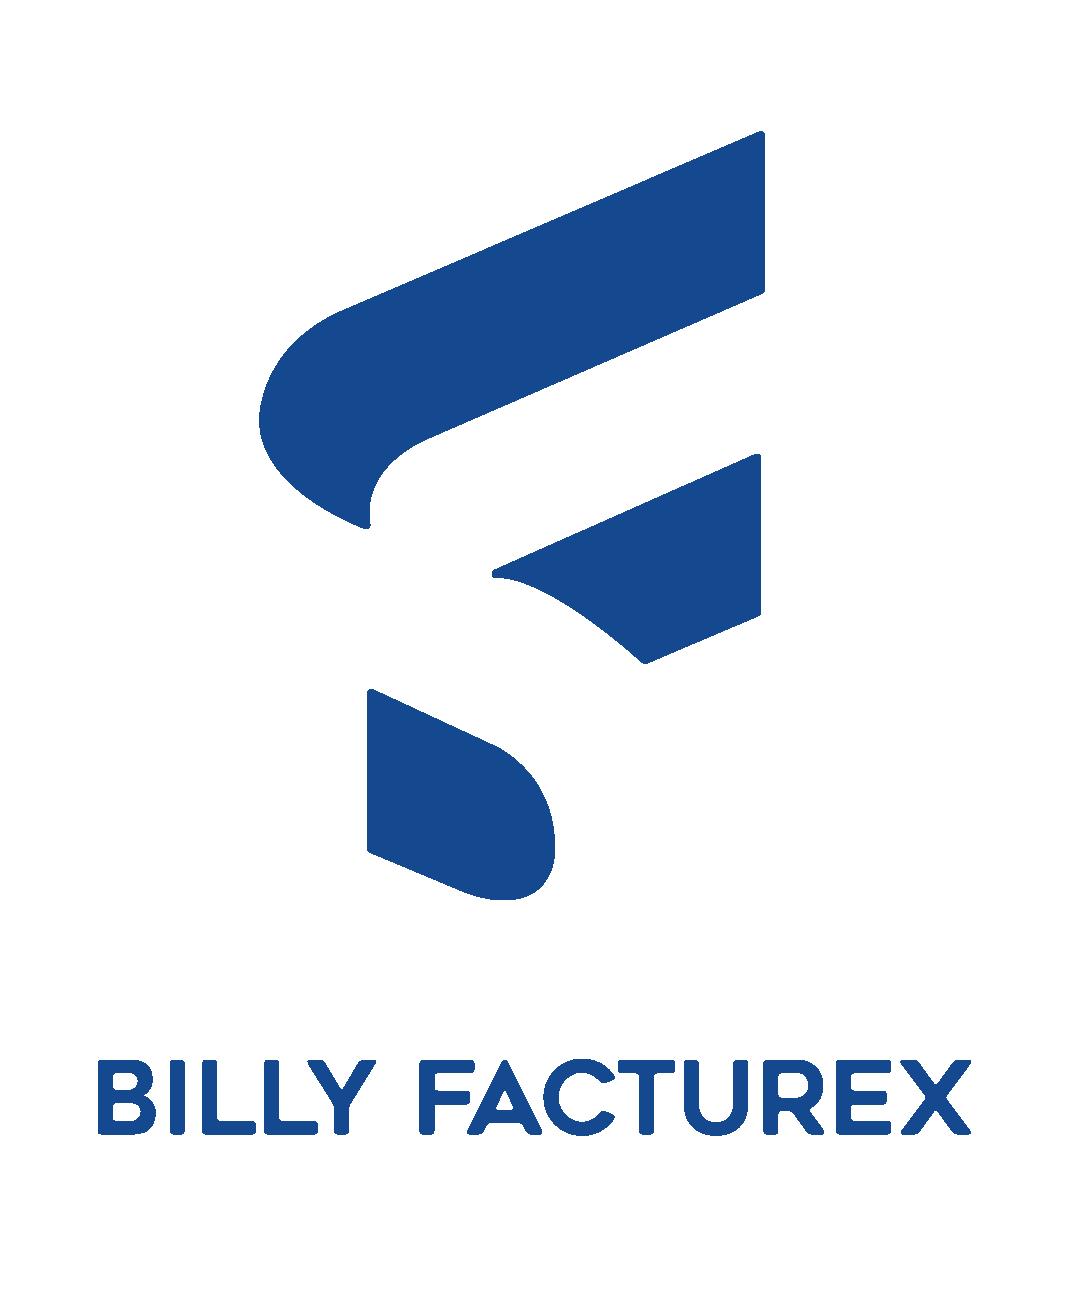 Facturex